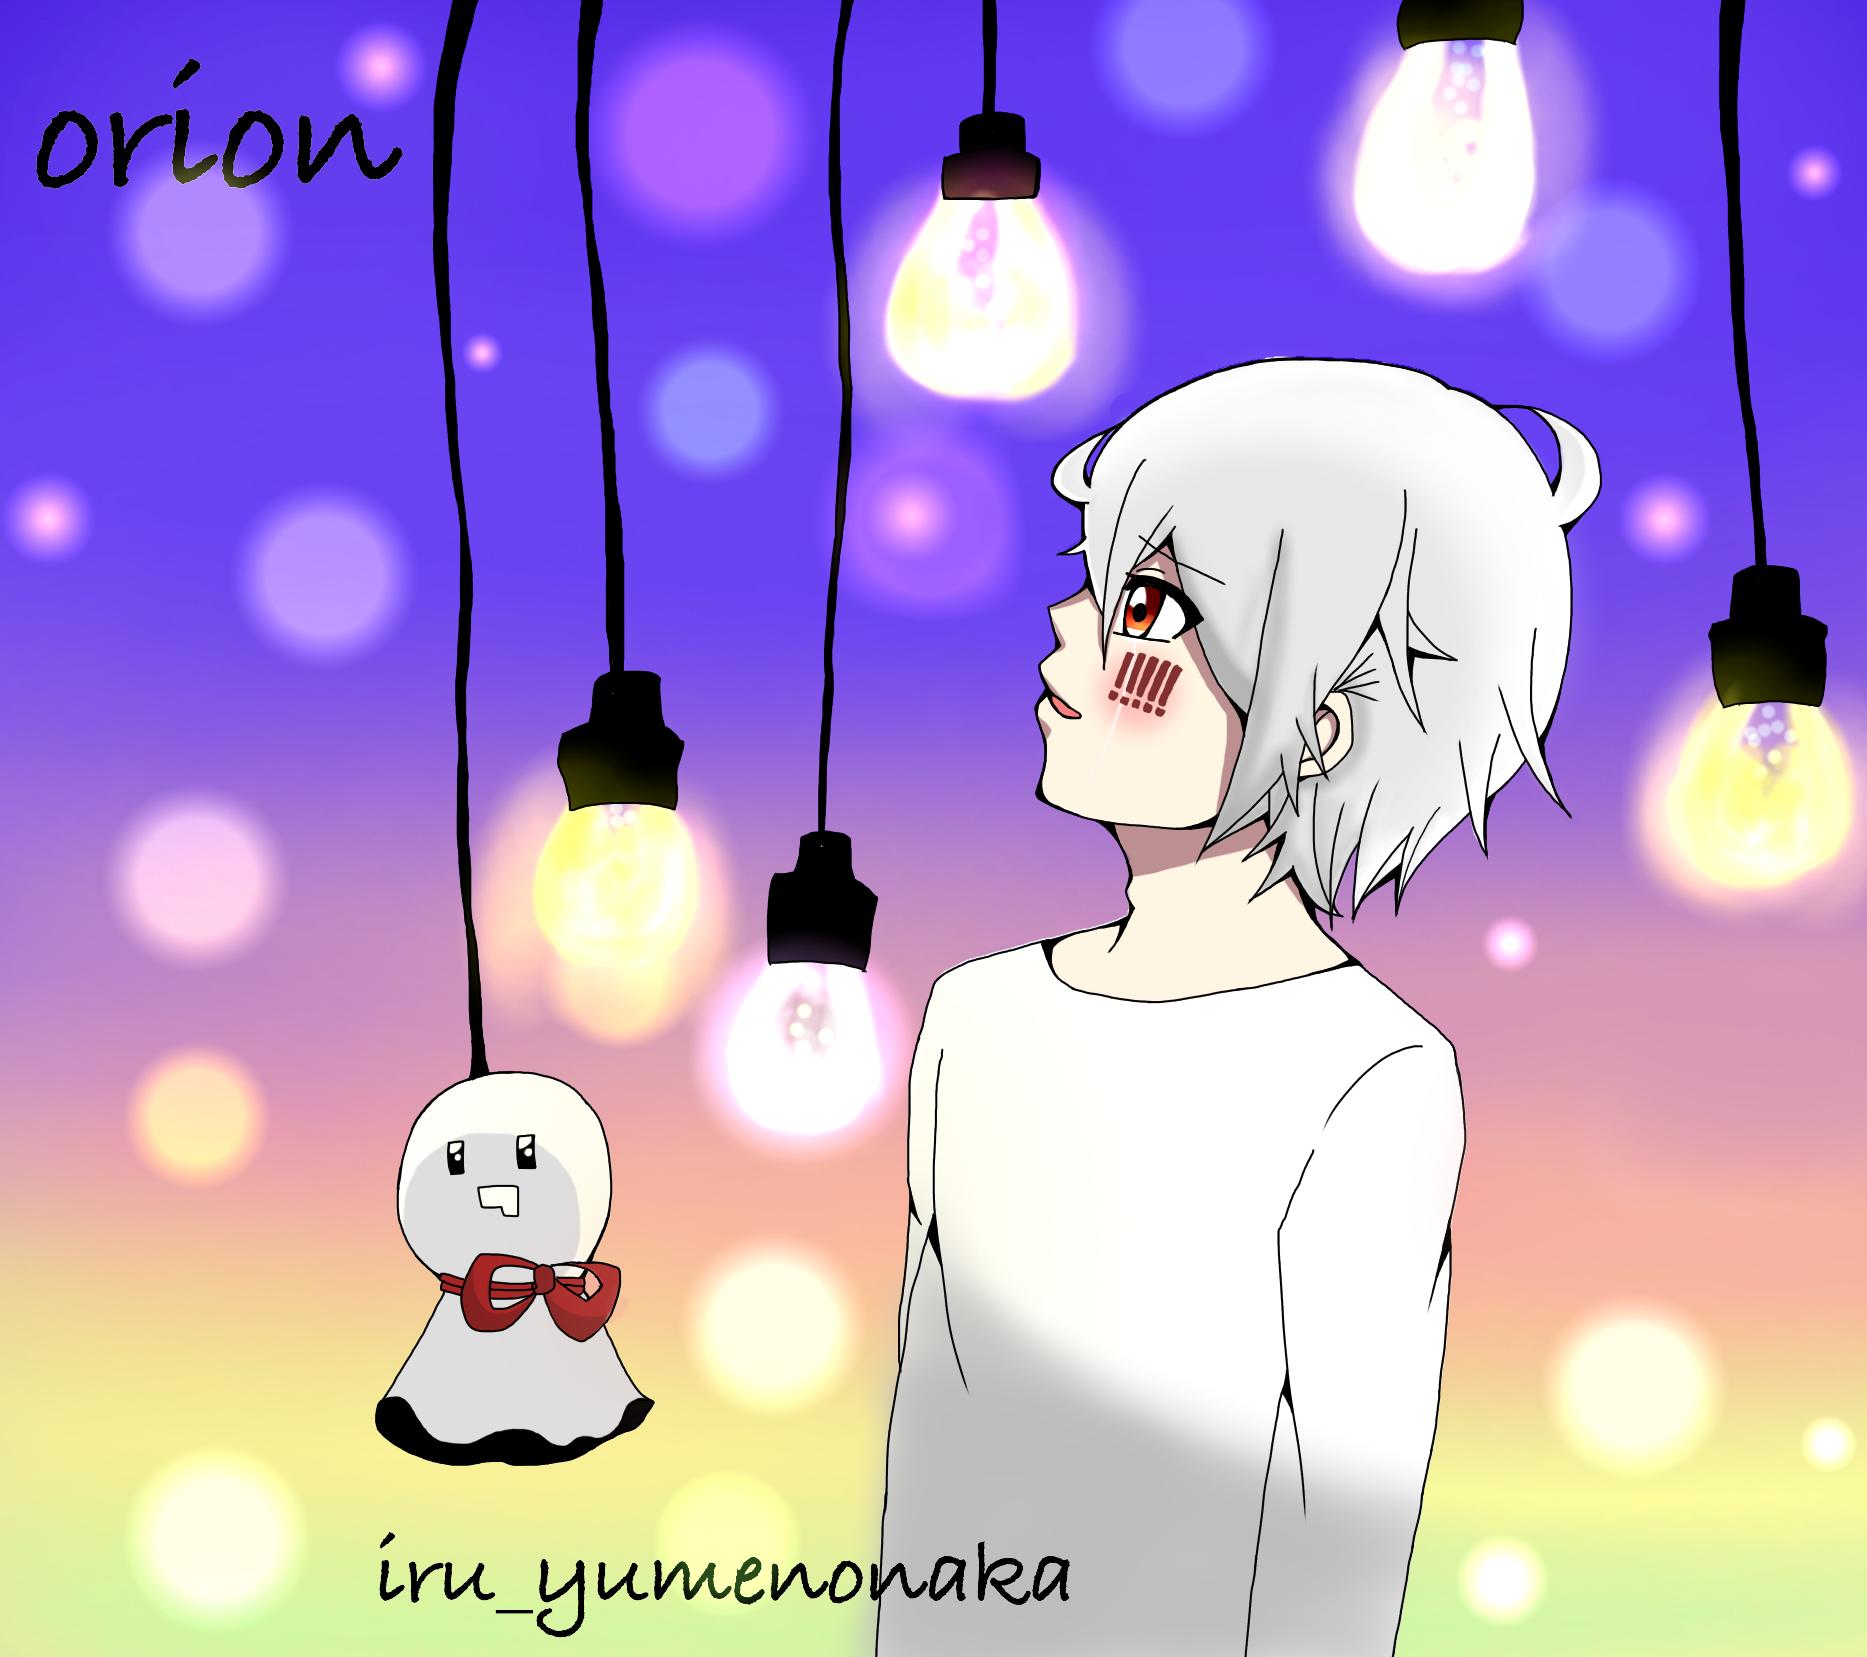 orion 〜まふまふver〜